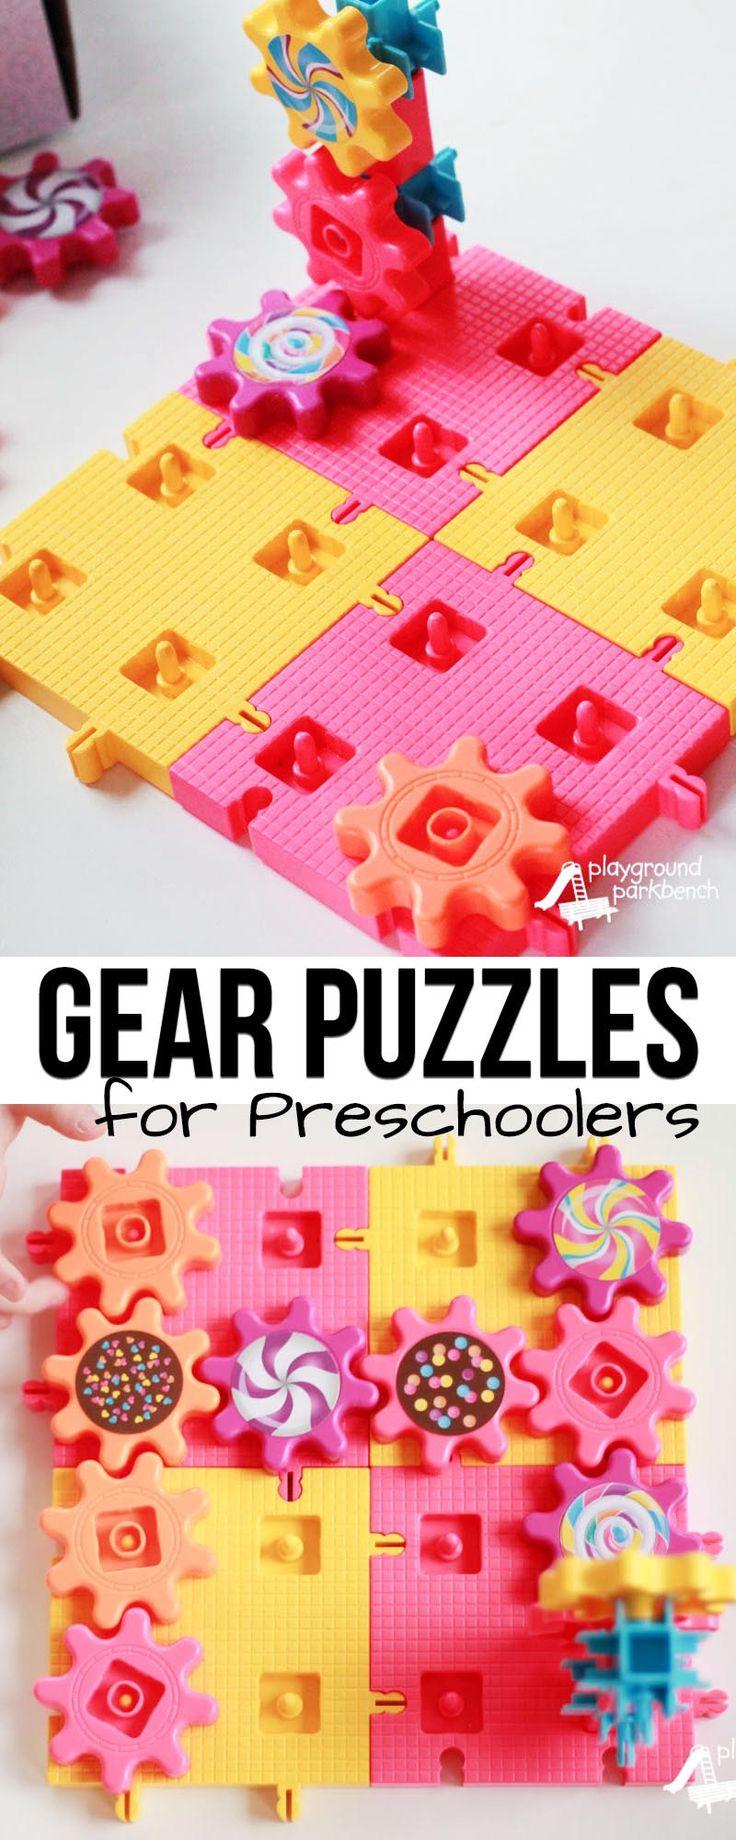 Gears Game For Preschoolers Preschool Games Preschool Science Activities Educational Activities For Preschoolers [ 1840 x 736 Pixel ]